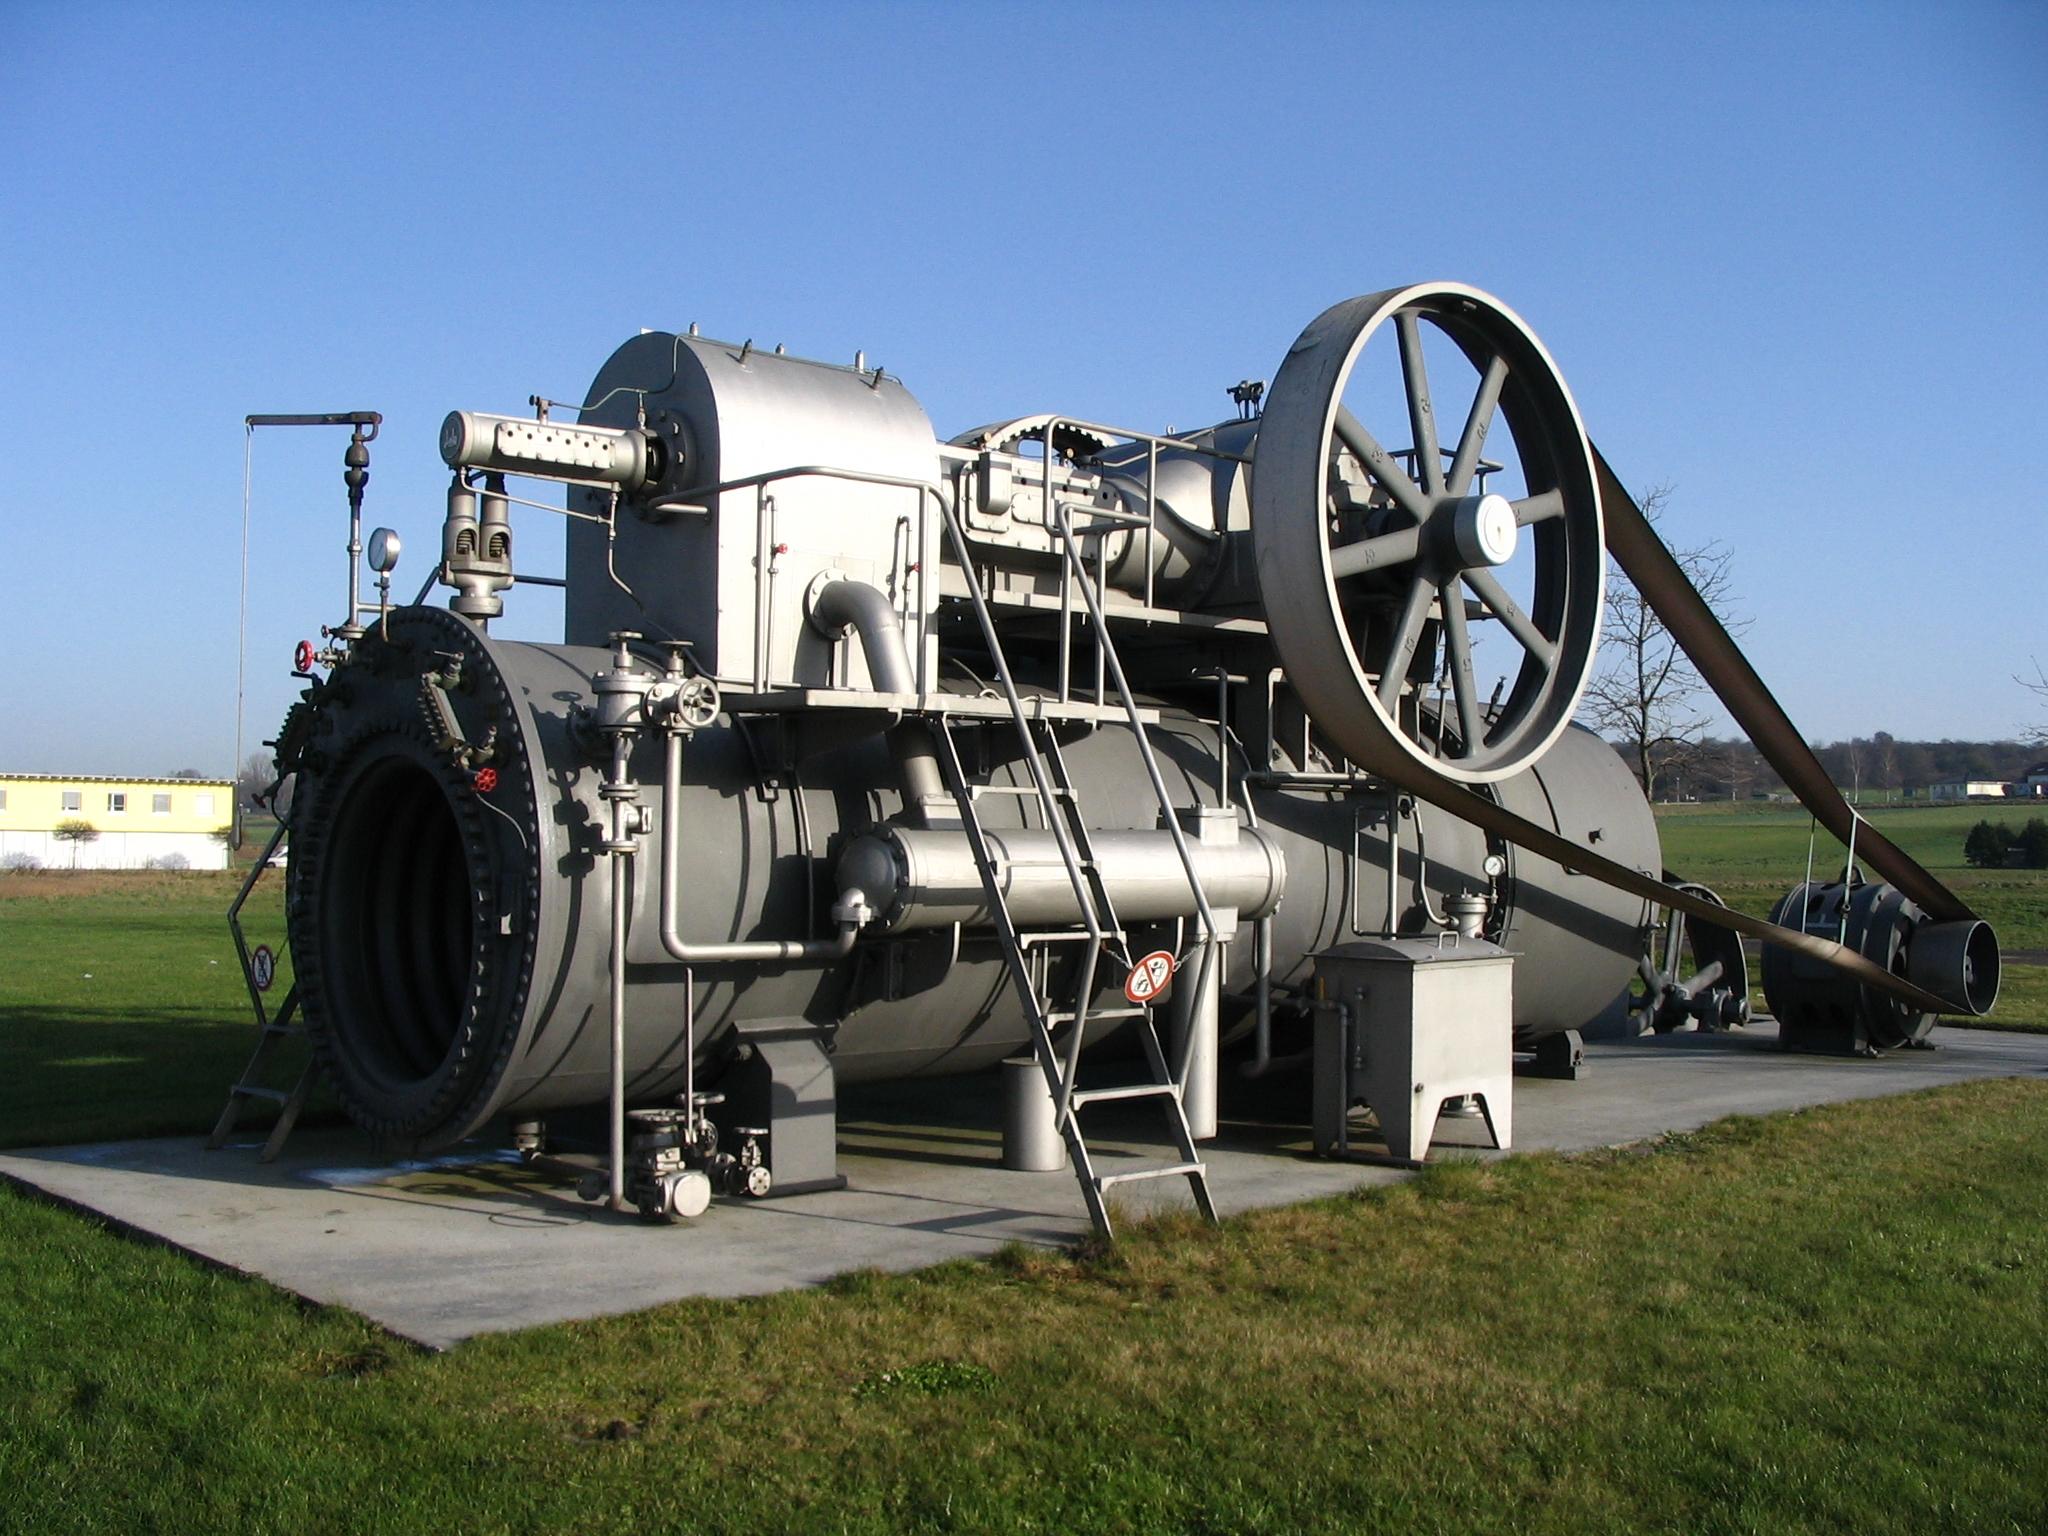 Dampfmaschine in Ertingen - Quelle: WikiCommons, genauere Angaben unten